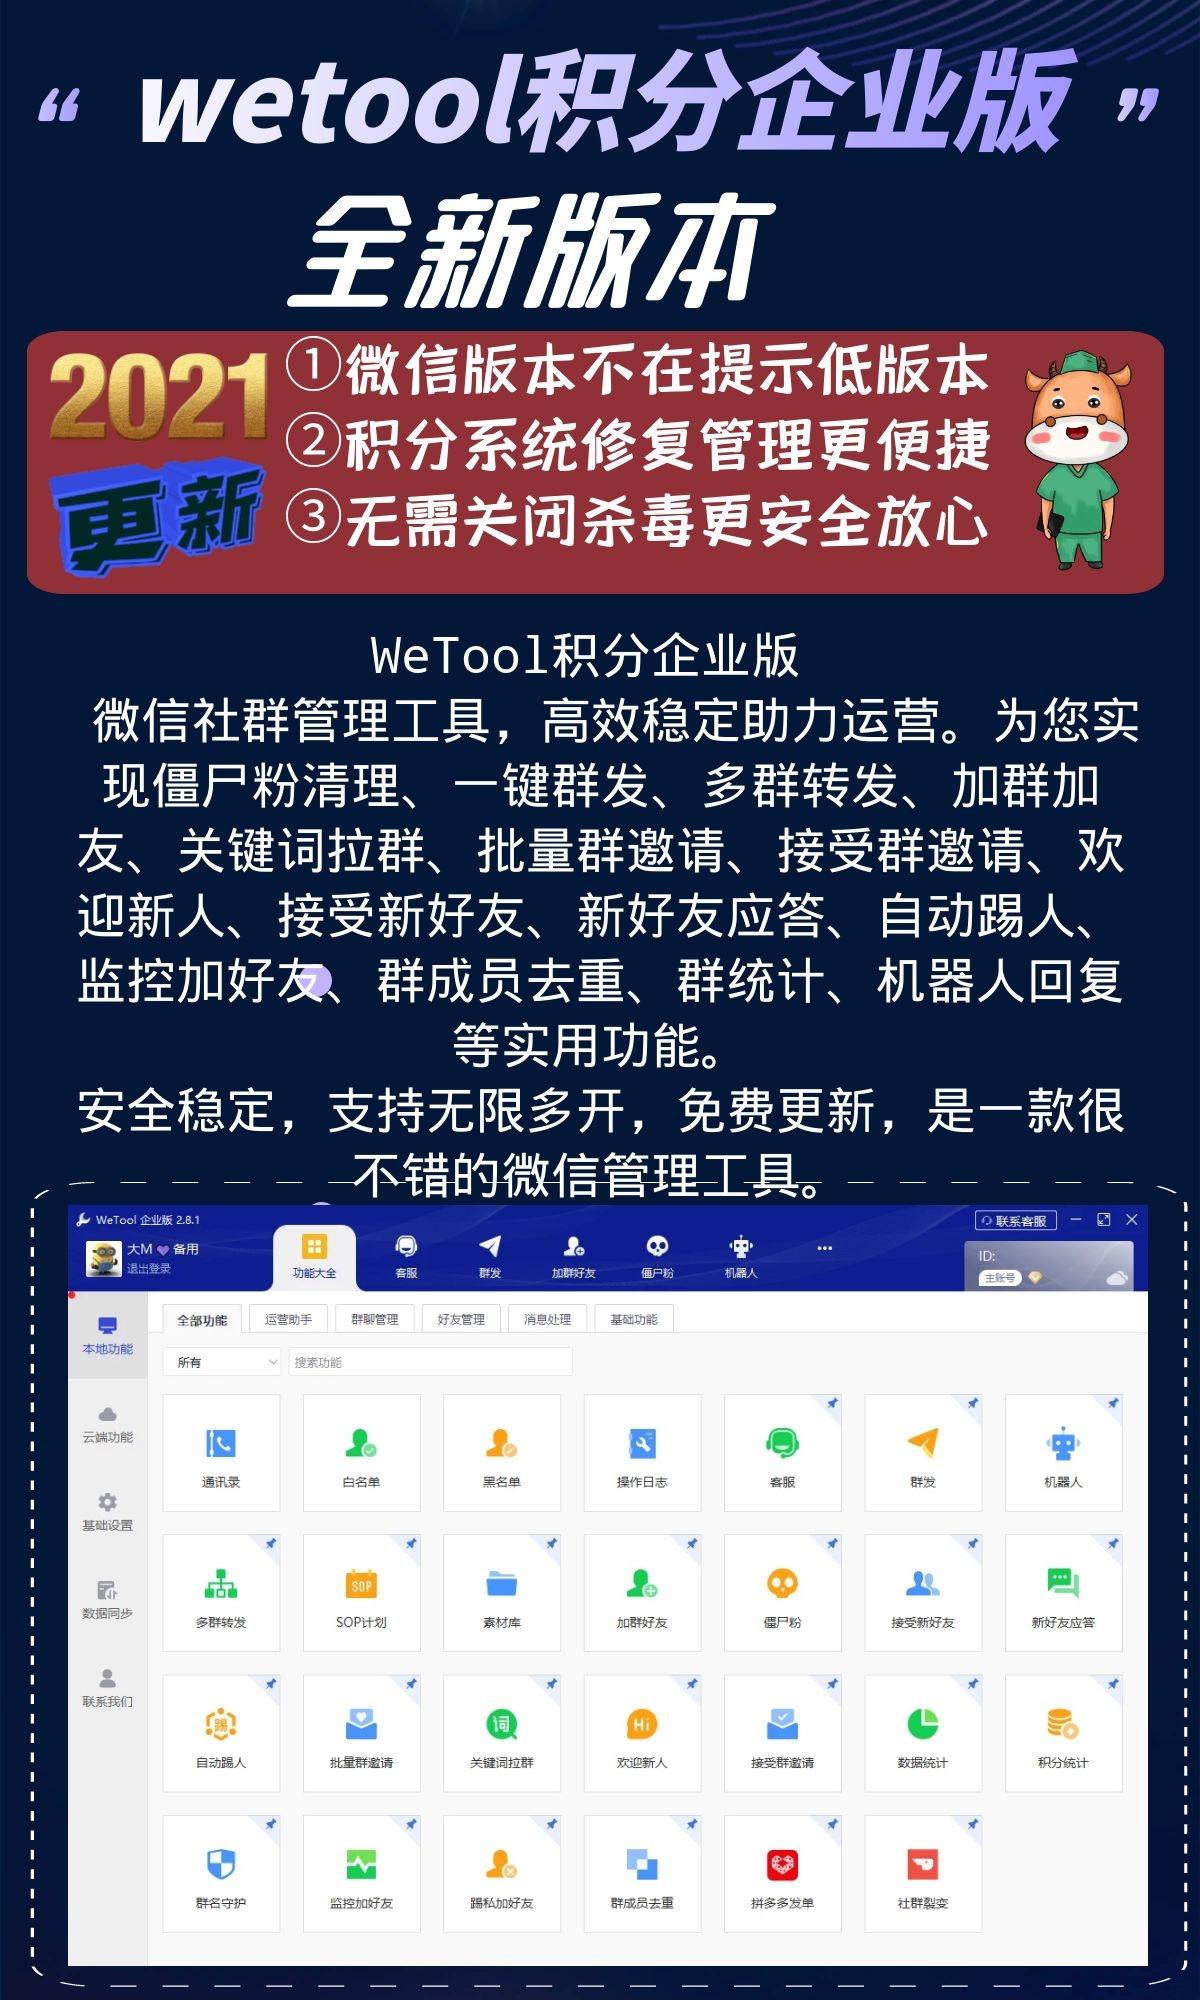 【注册机】wetool注册机4.2.3企业版wetool后台-特价新品插图